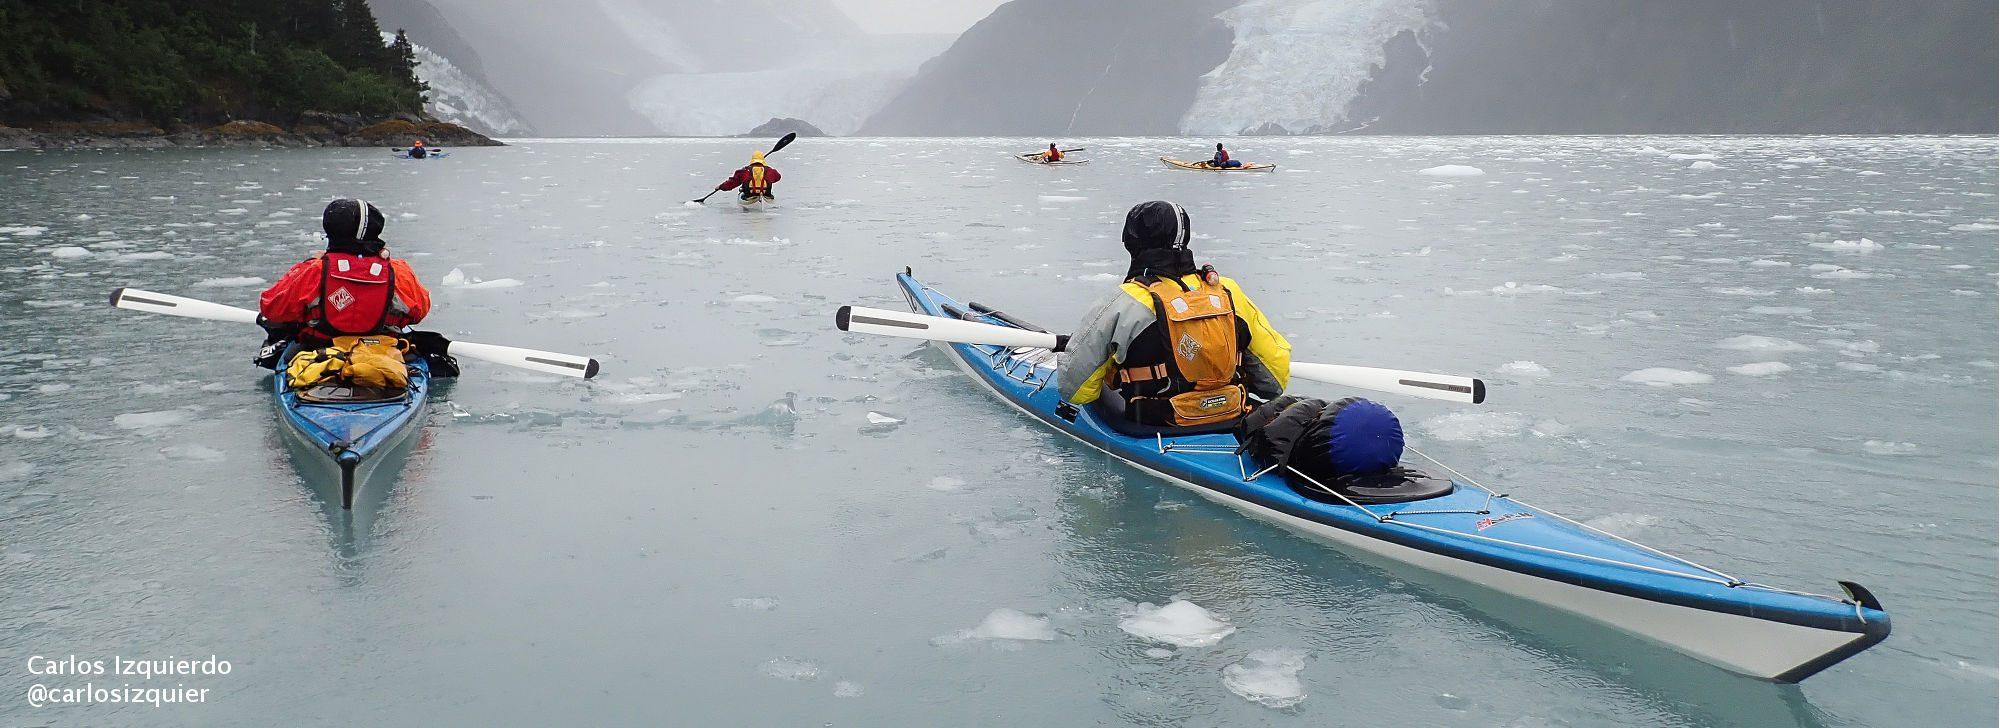 e22dacb06440 Ropa adecuada para practicar kayak con frío – Blog de Portear Kayaks